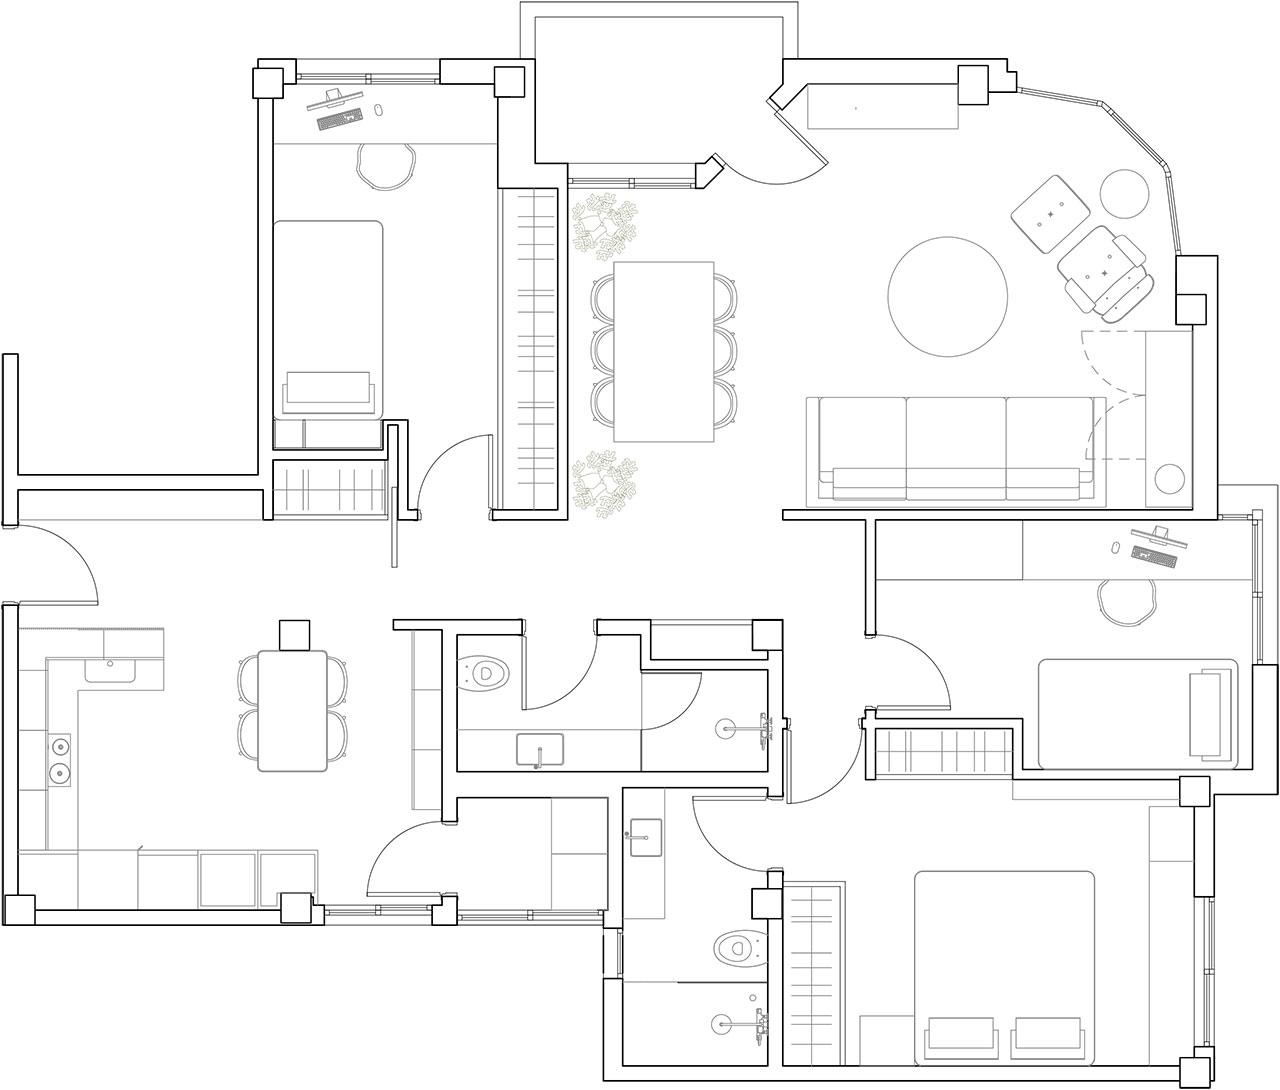 Planos técnicos para reforma de vivienda familiar con redistribución de espacios ganando en amplitud y luminosidad